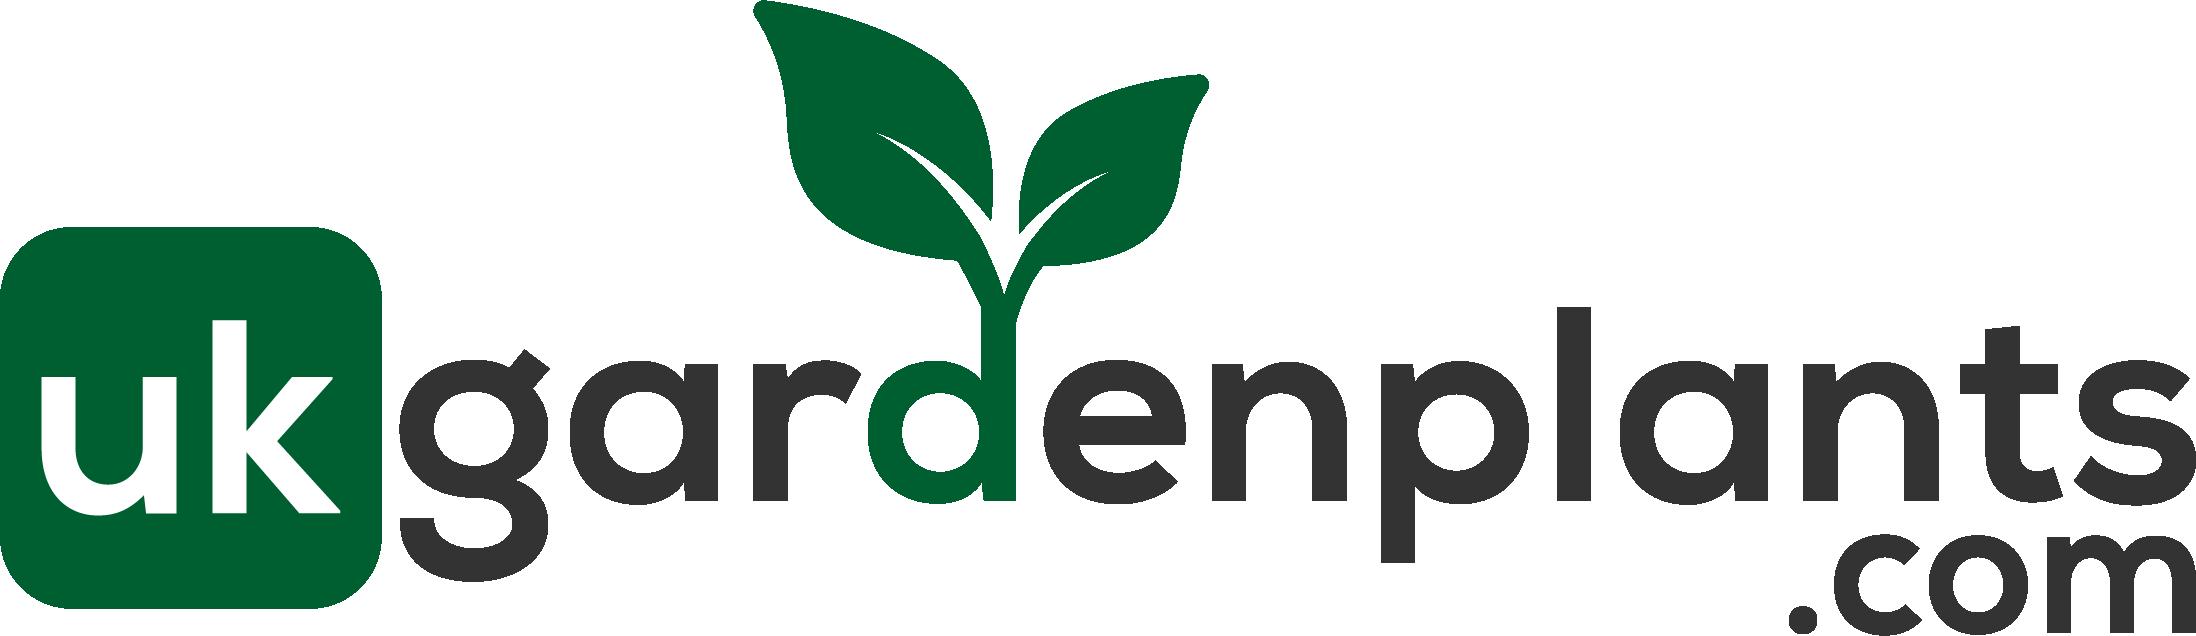 UK Garden Plants